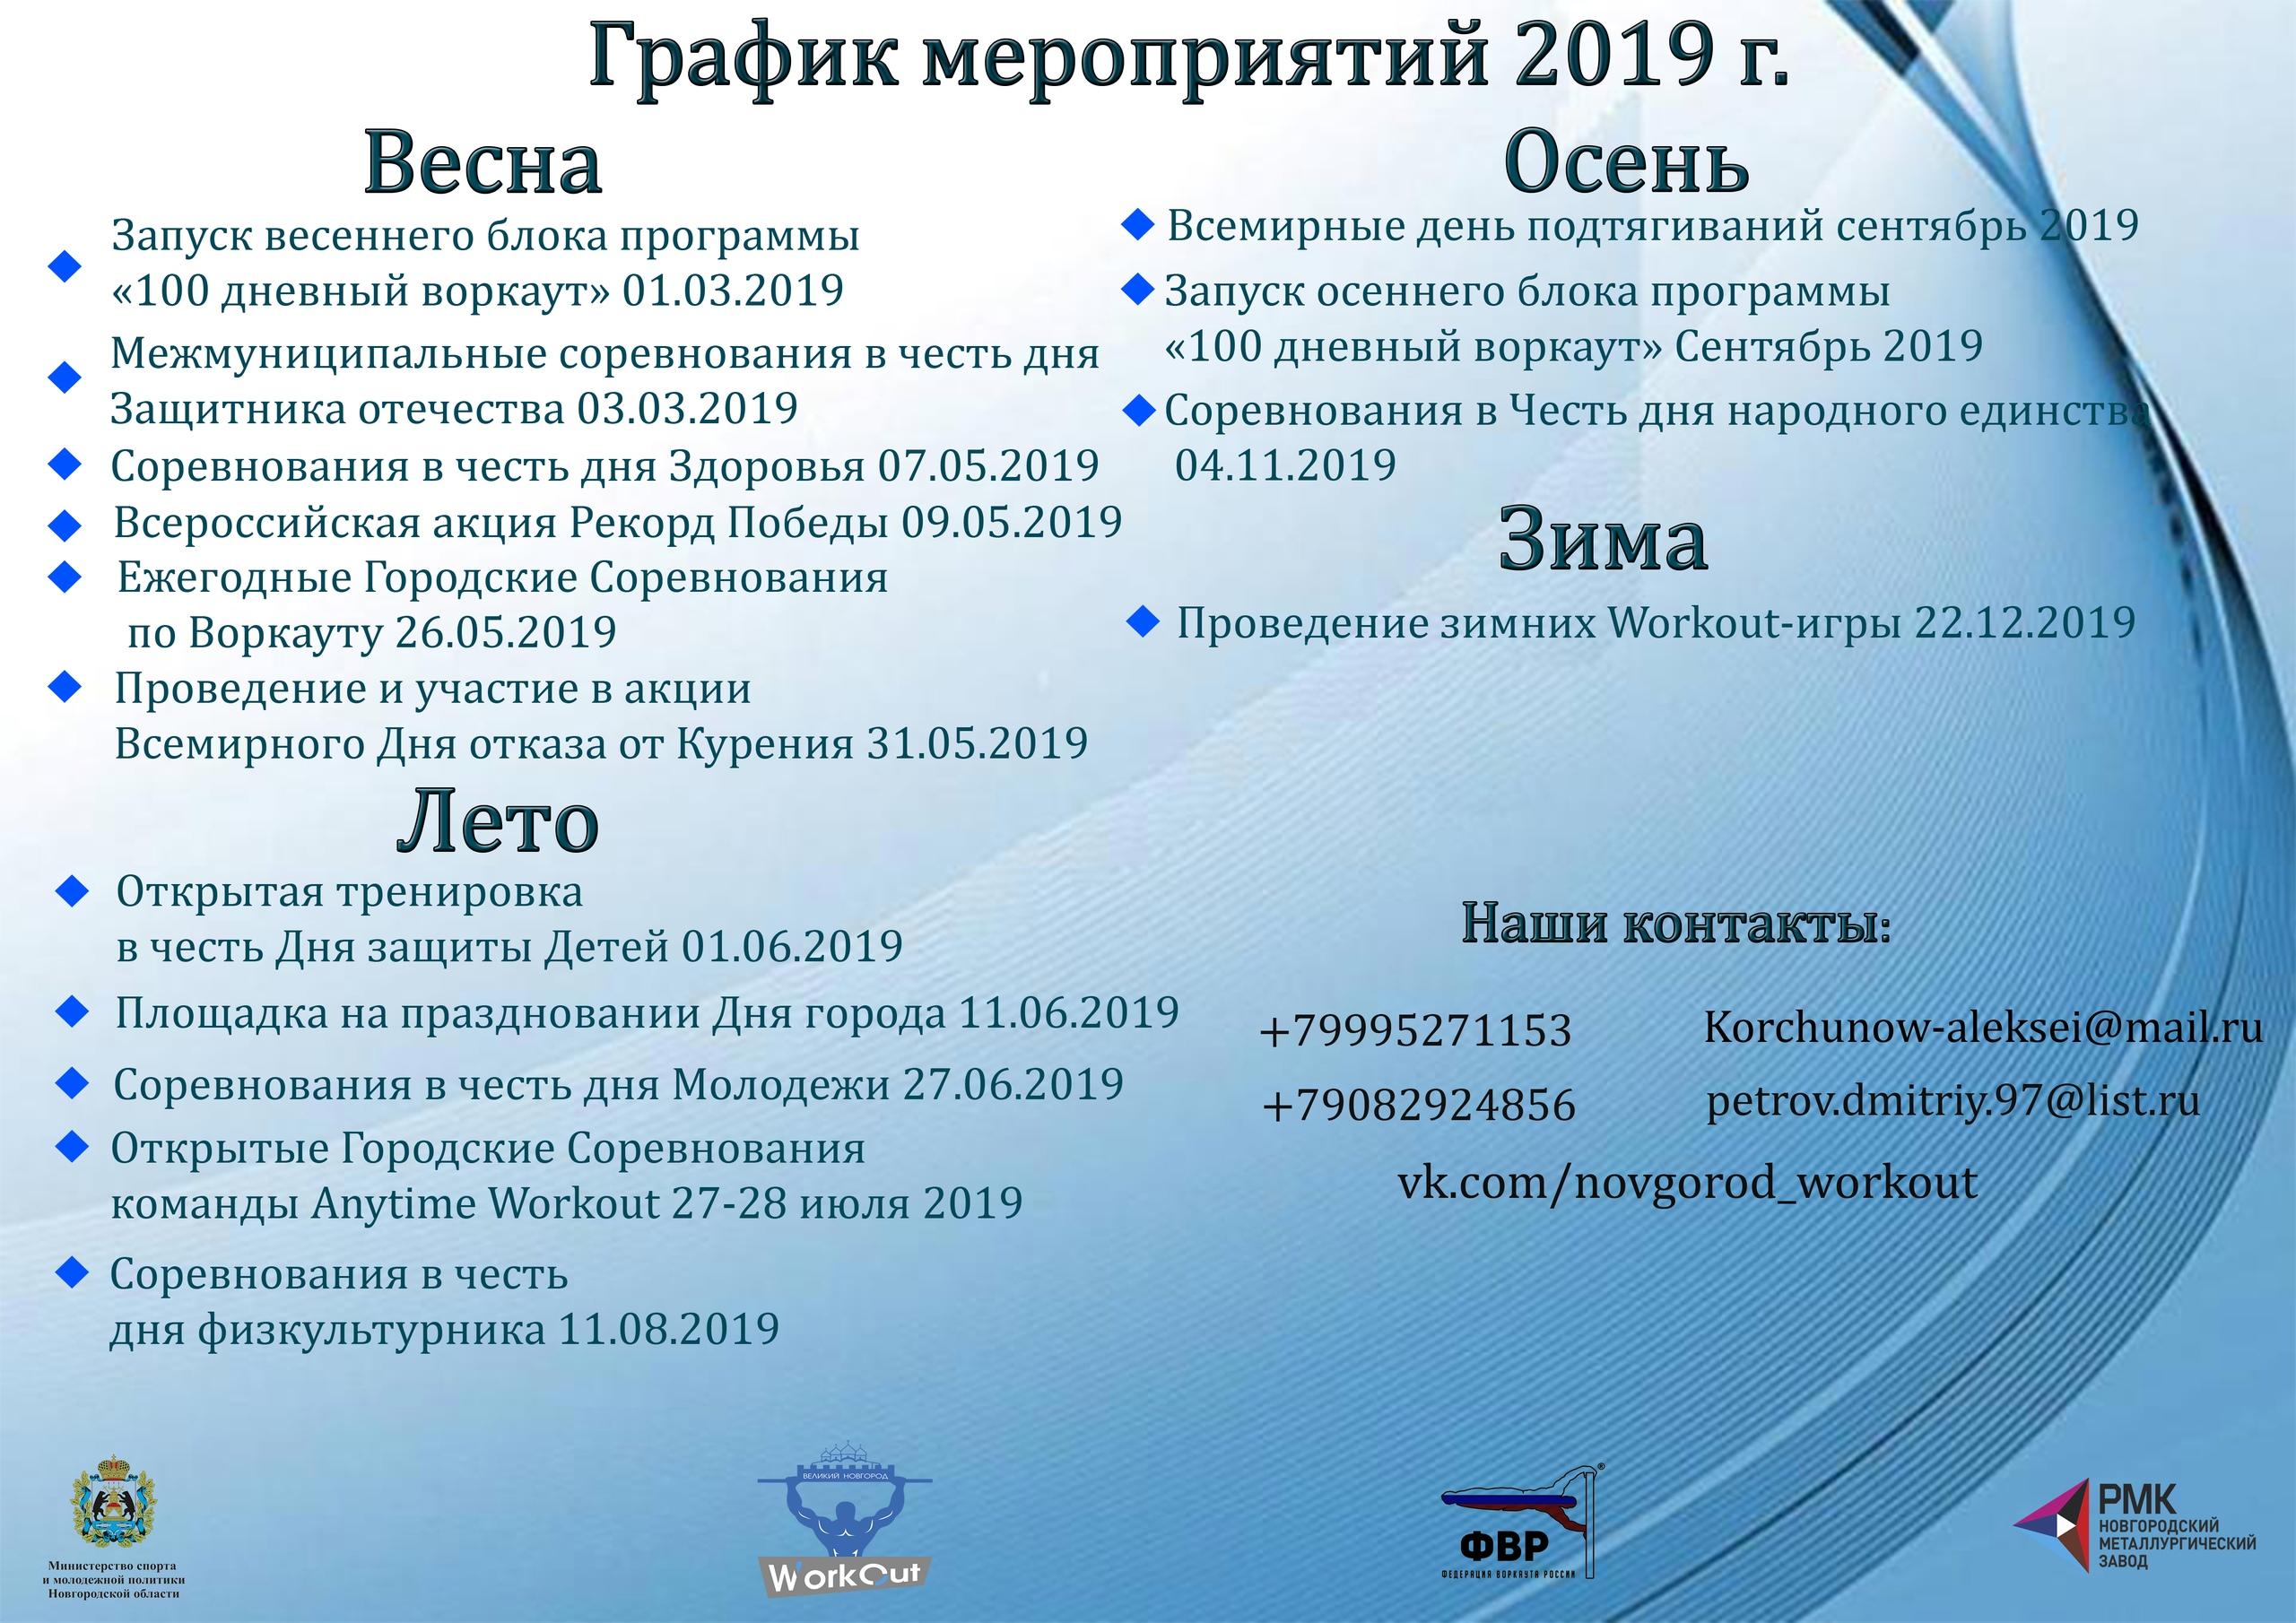 Календарь Workout мероприятий 2019 г. Великий Новгород